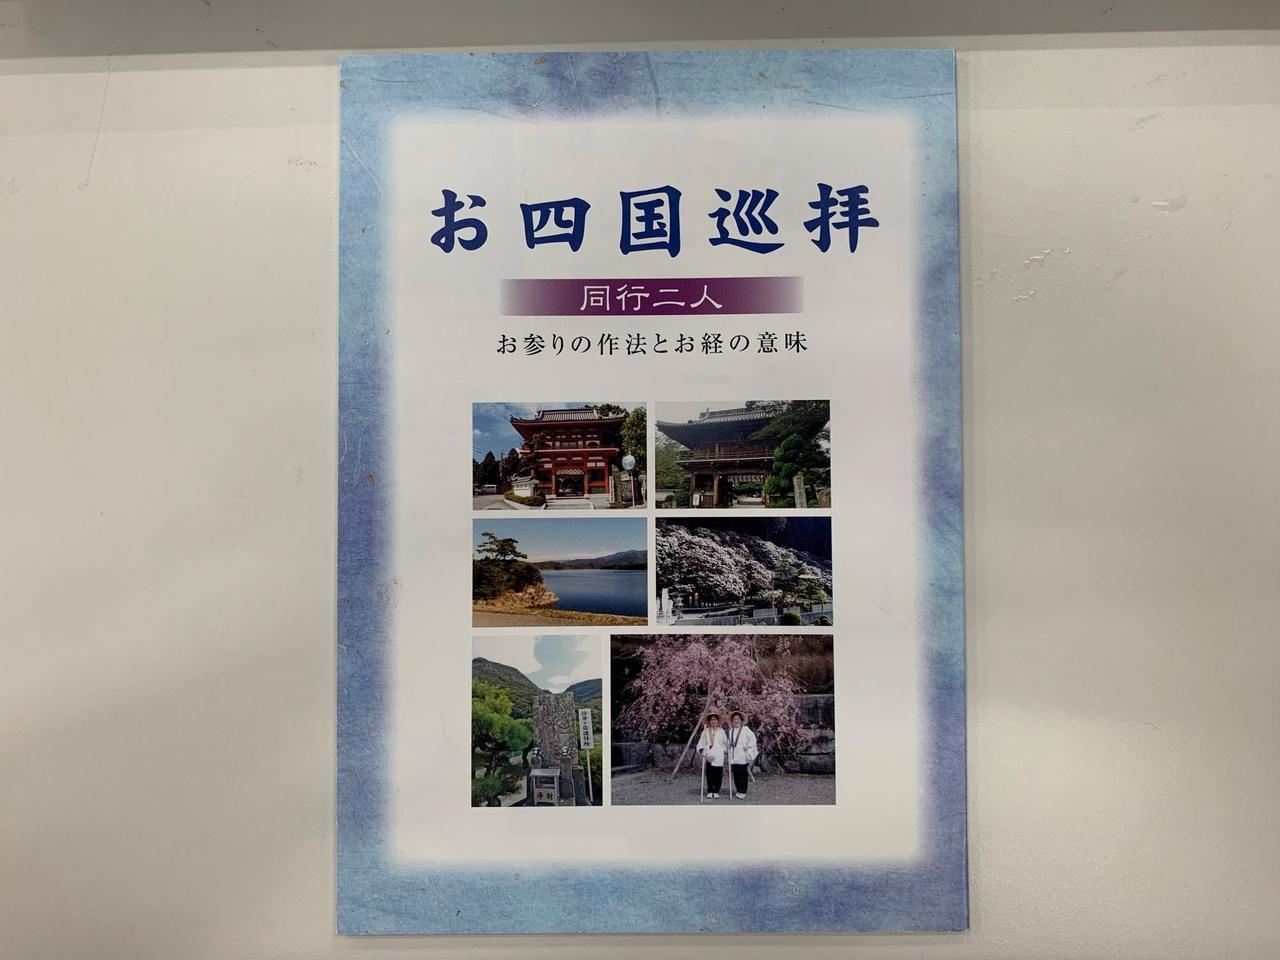 画像: 四国八十八ヶ所ツアーの専用経本